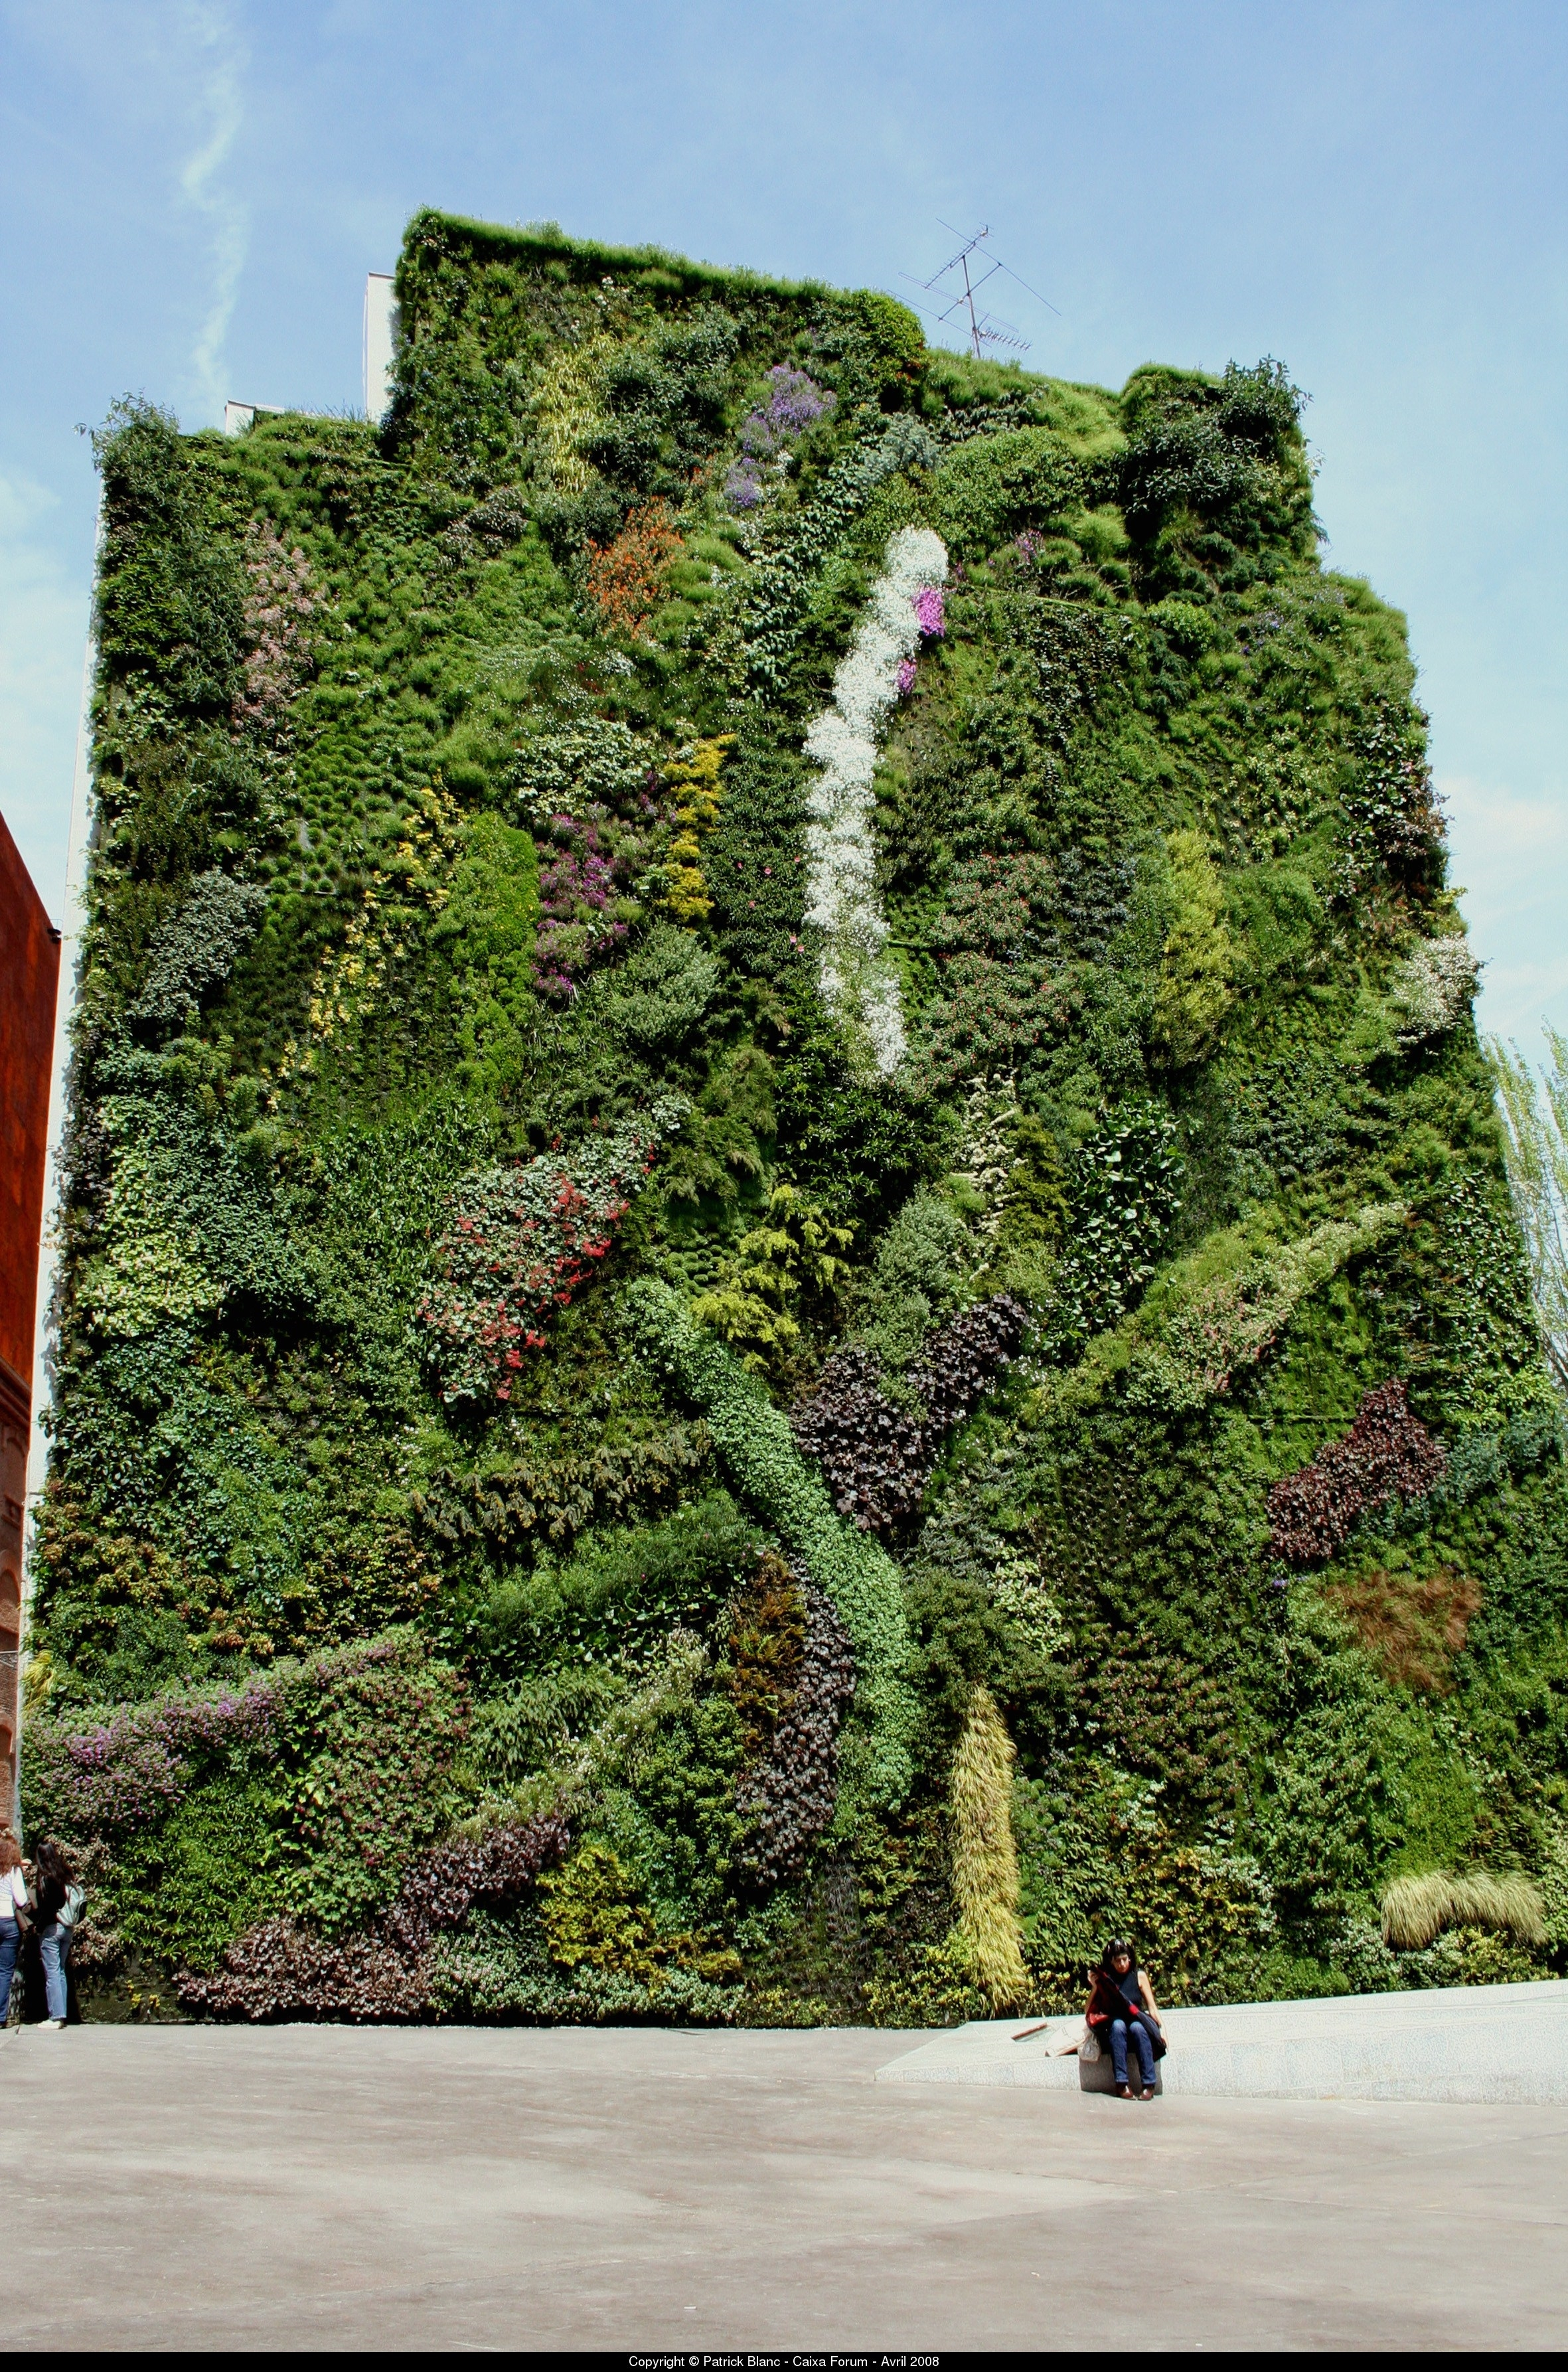 Realizzare giardini verticali progettazione giardini for Jardin vertical caixaforum madrid